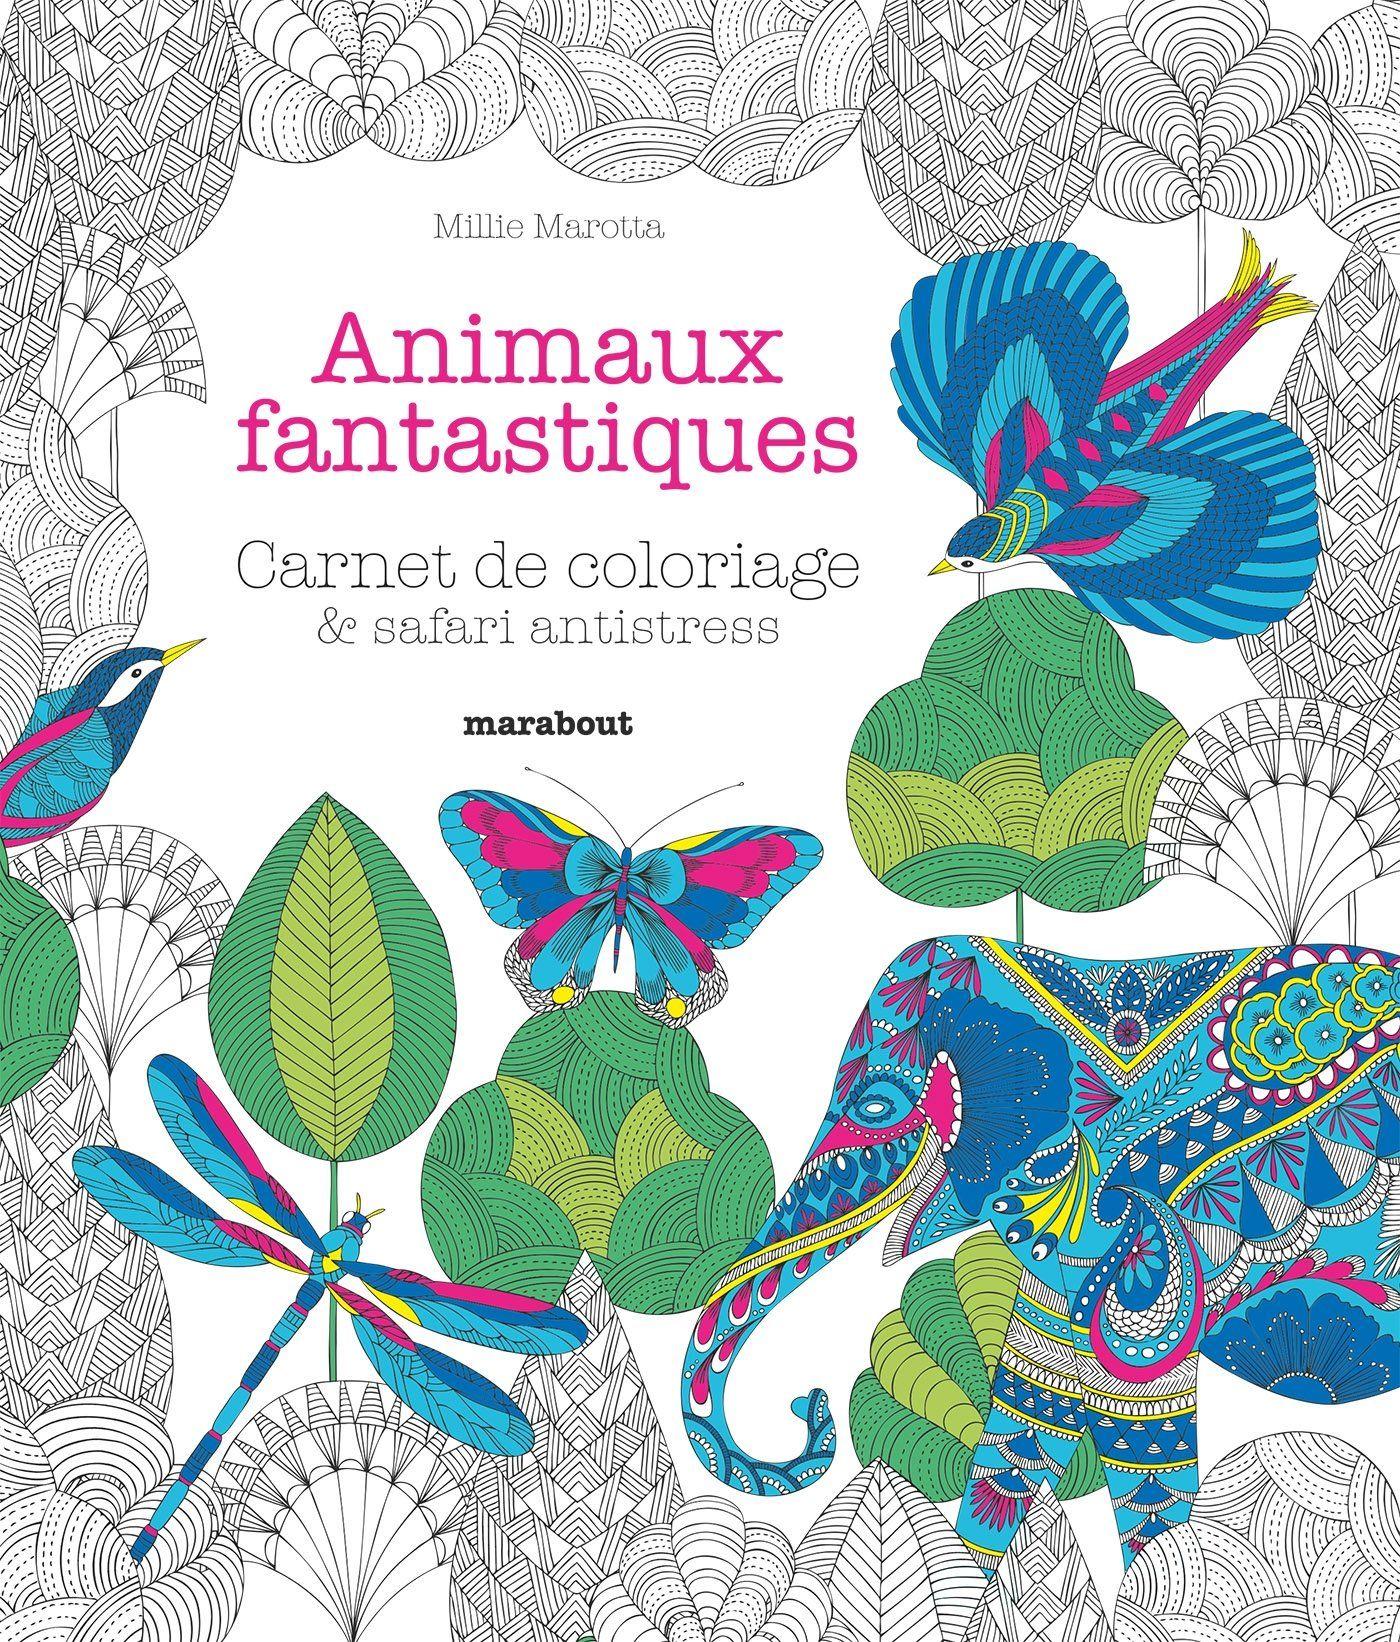 Animaux fantastiques millie marotta livres - Dessin animaux fantastiques ...